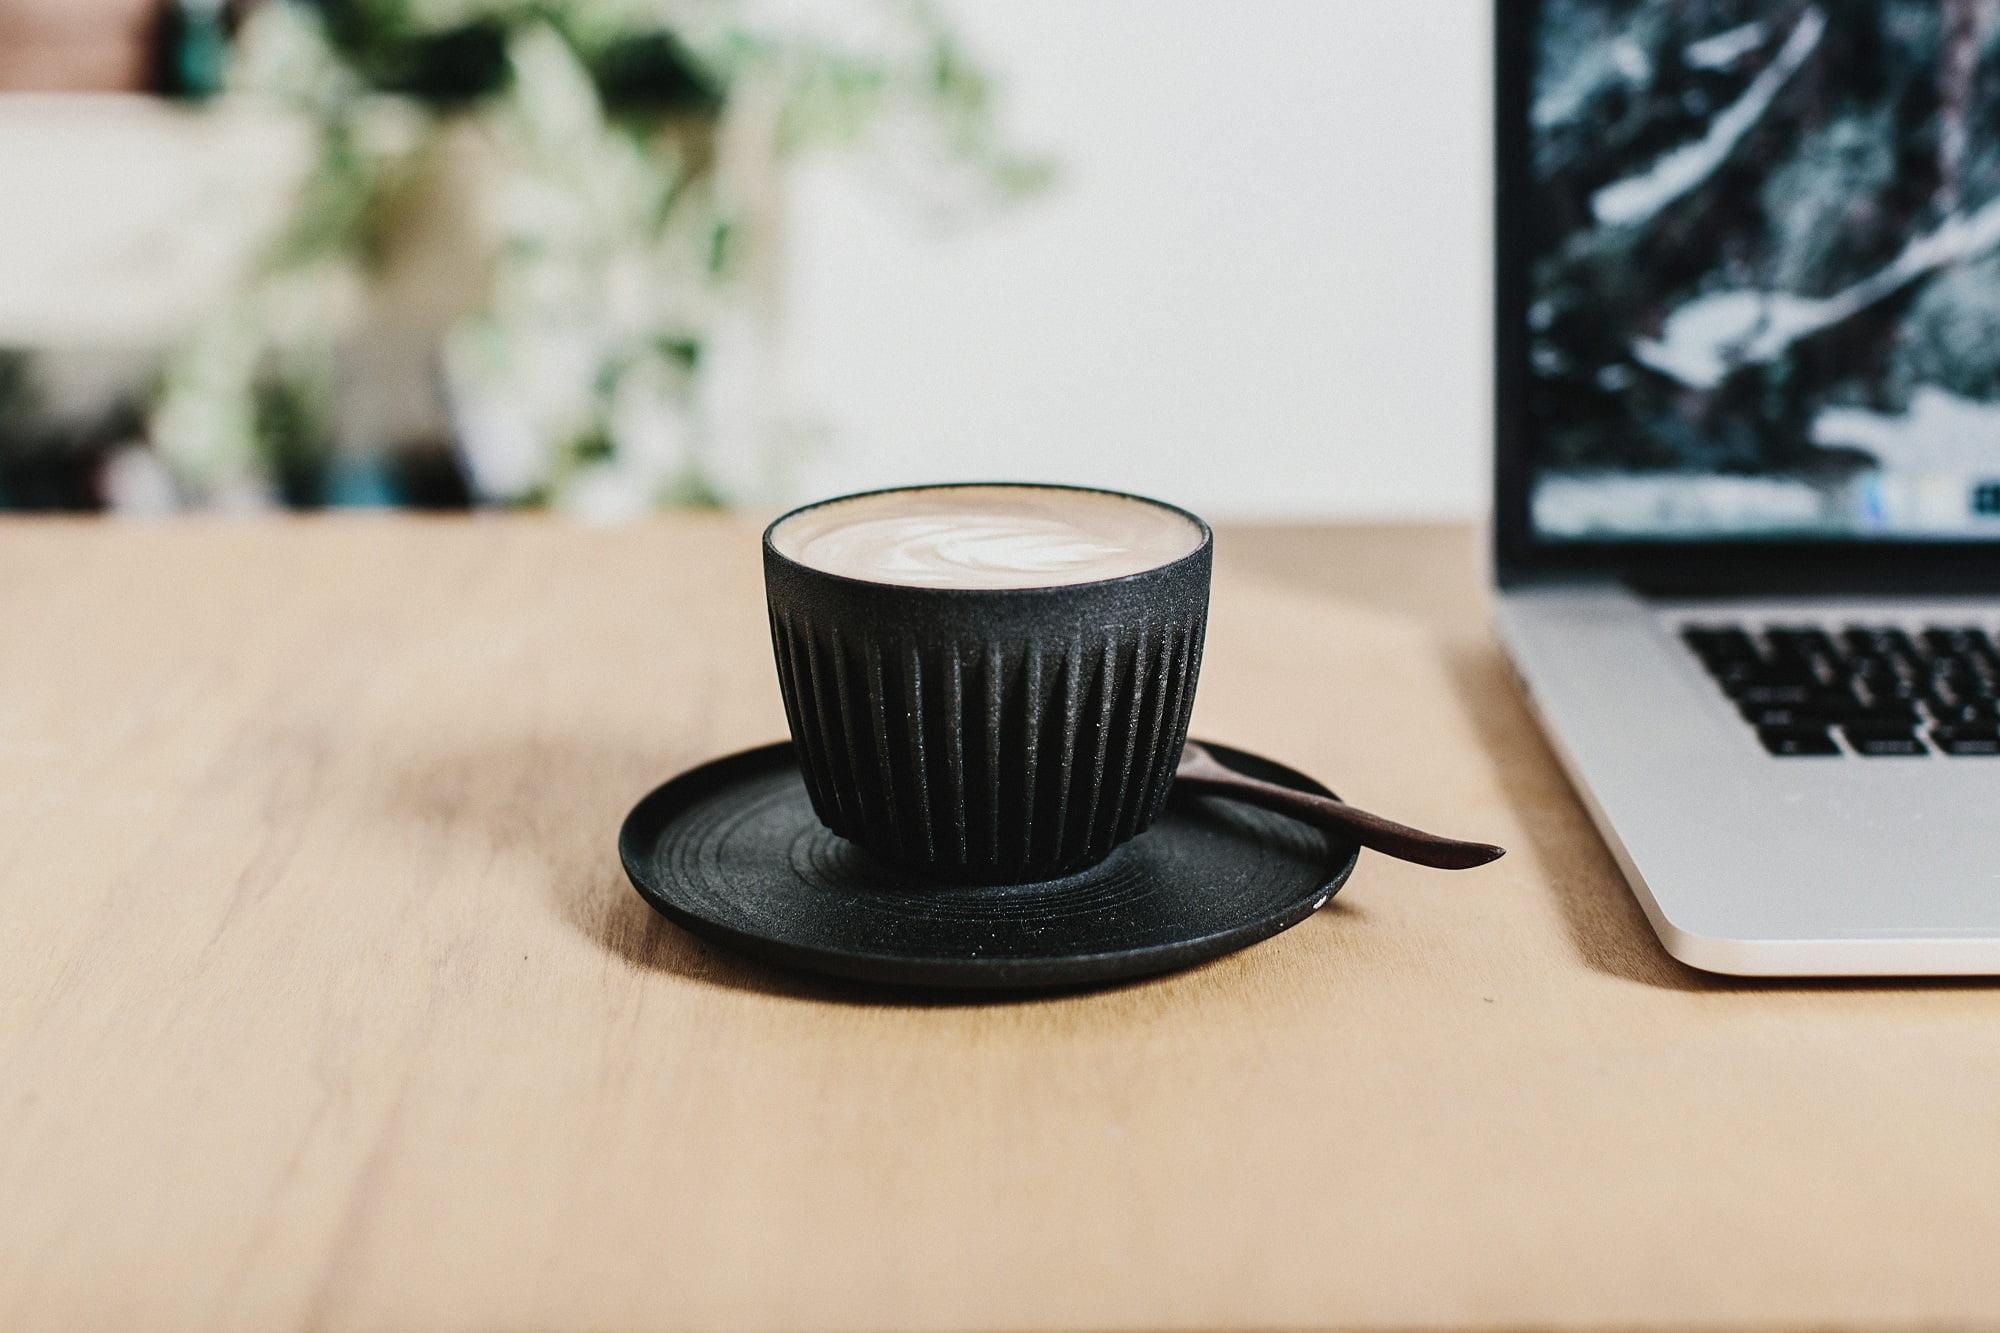 Crean tazas con cáscara de café